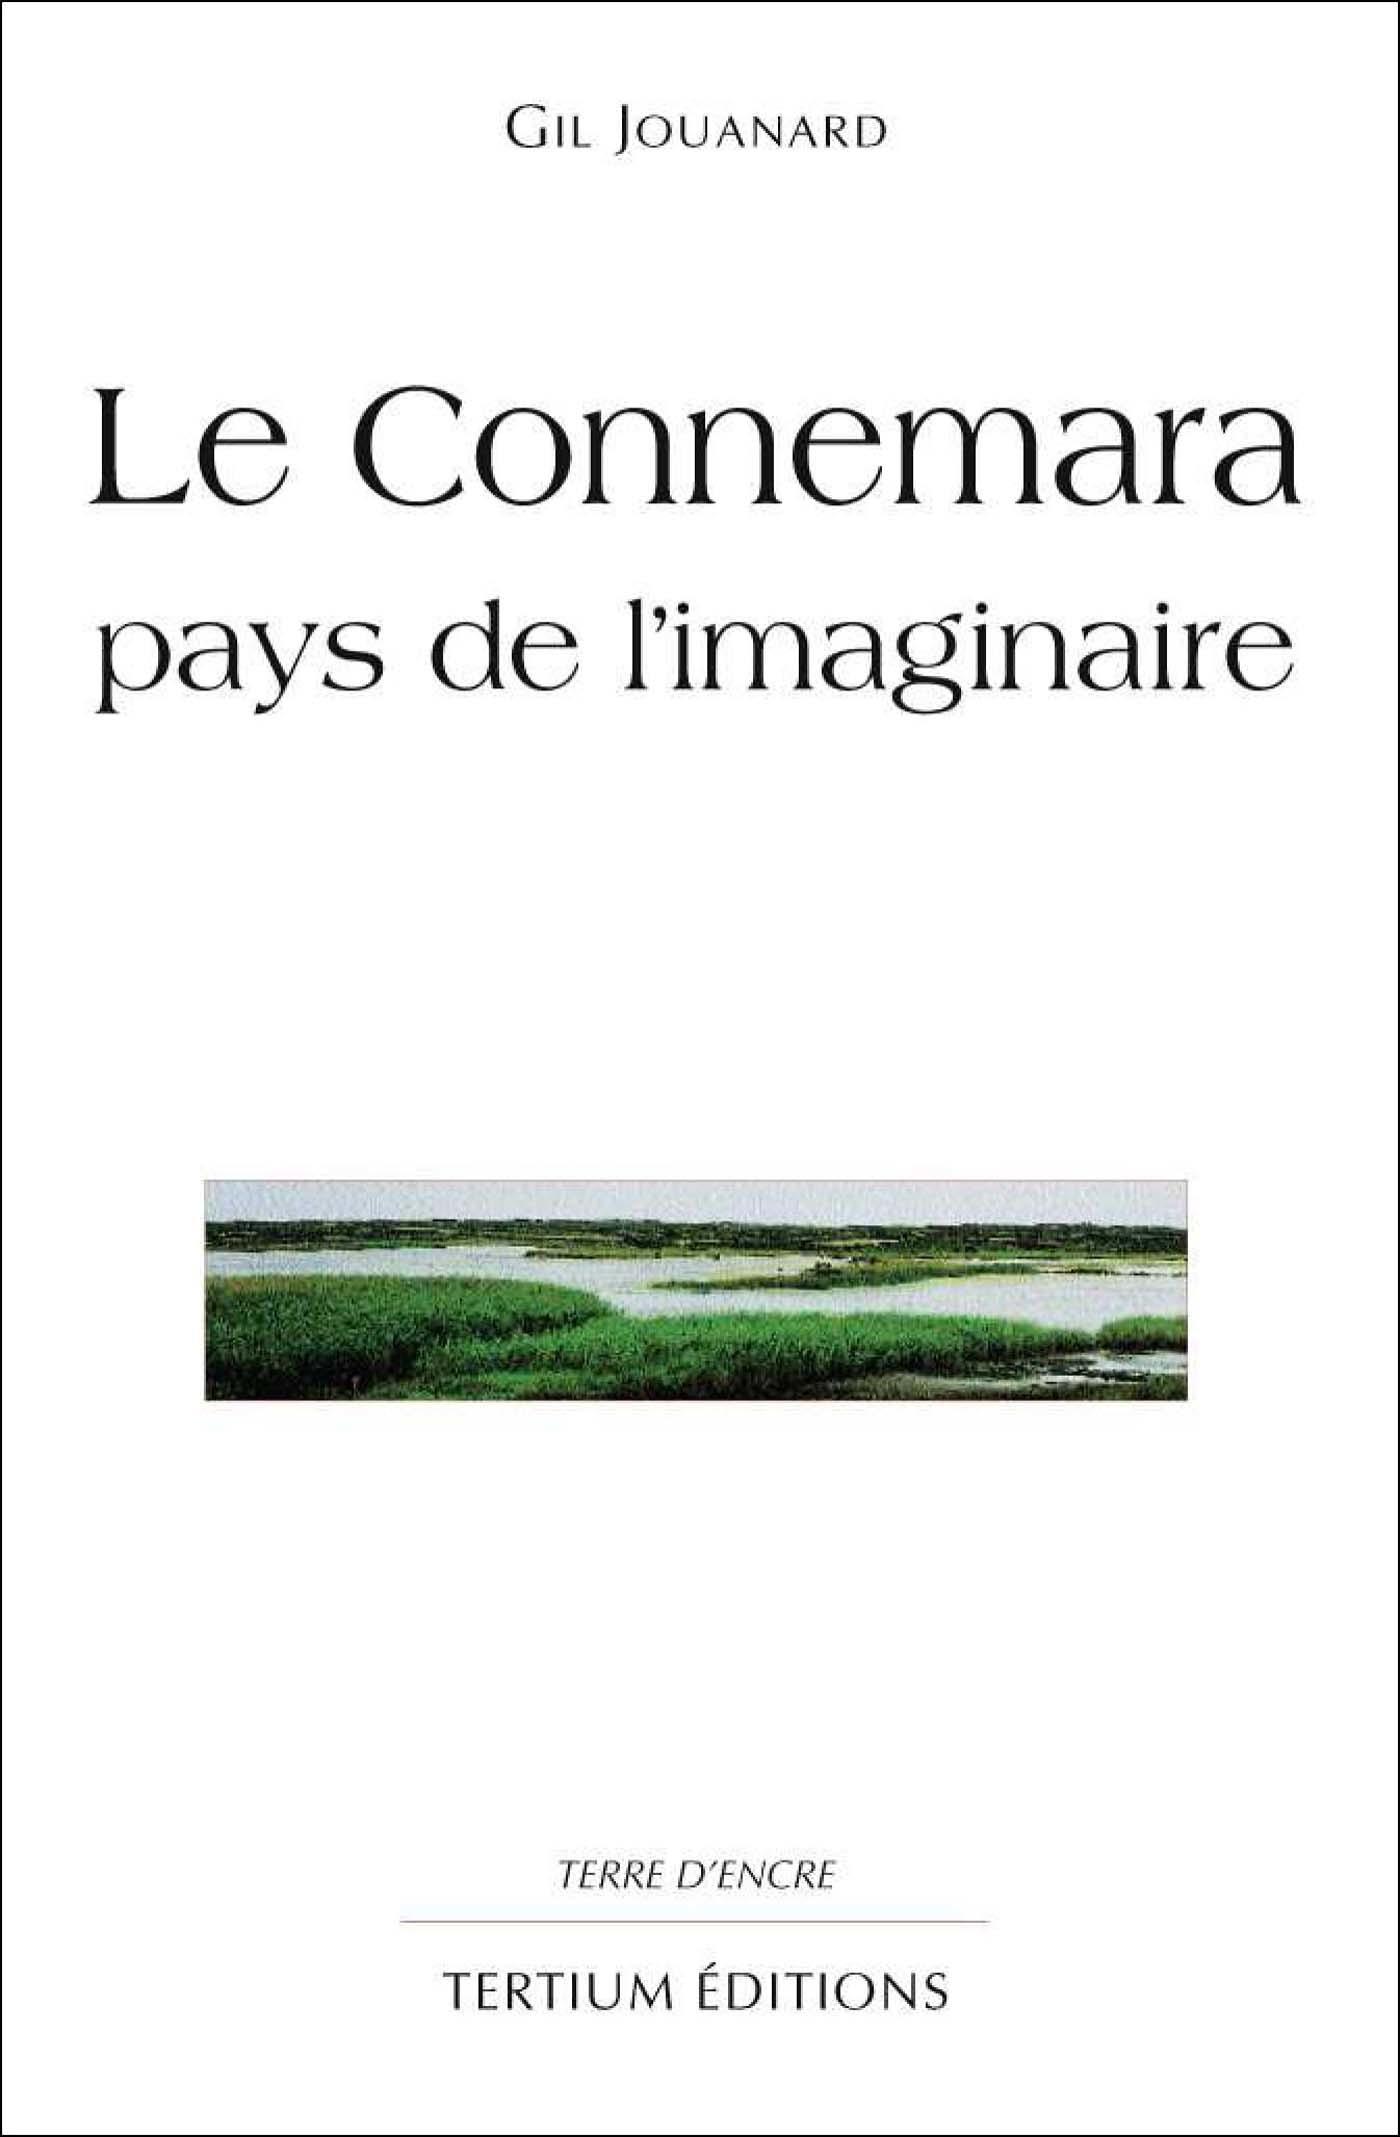 Le Connemara pays de l'imaginaire